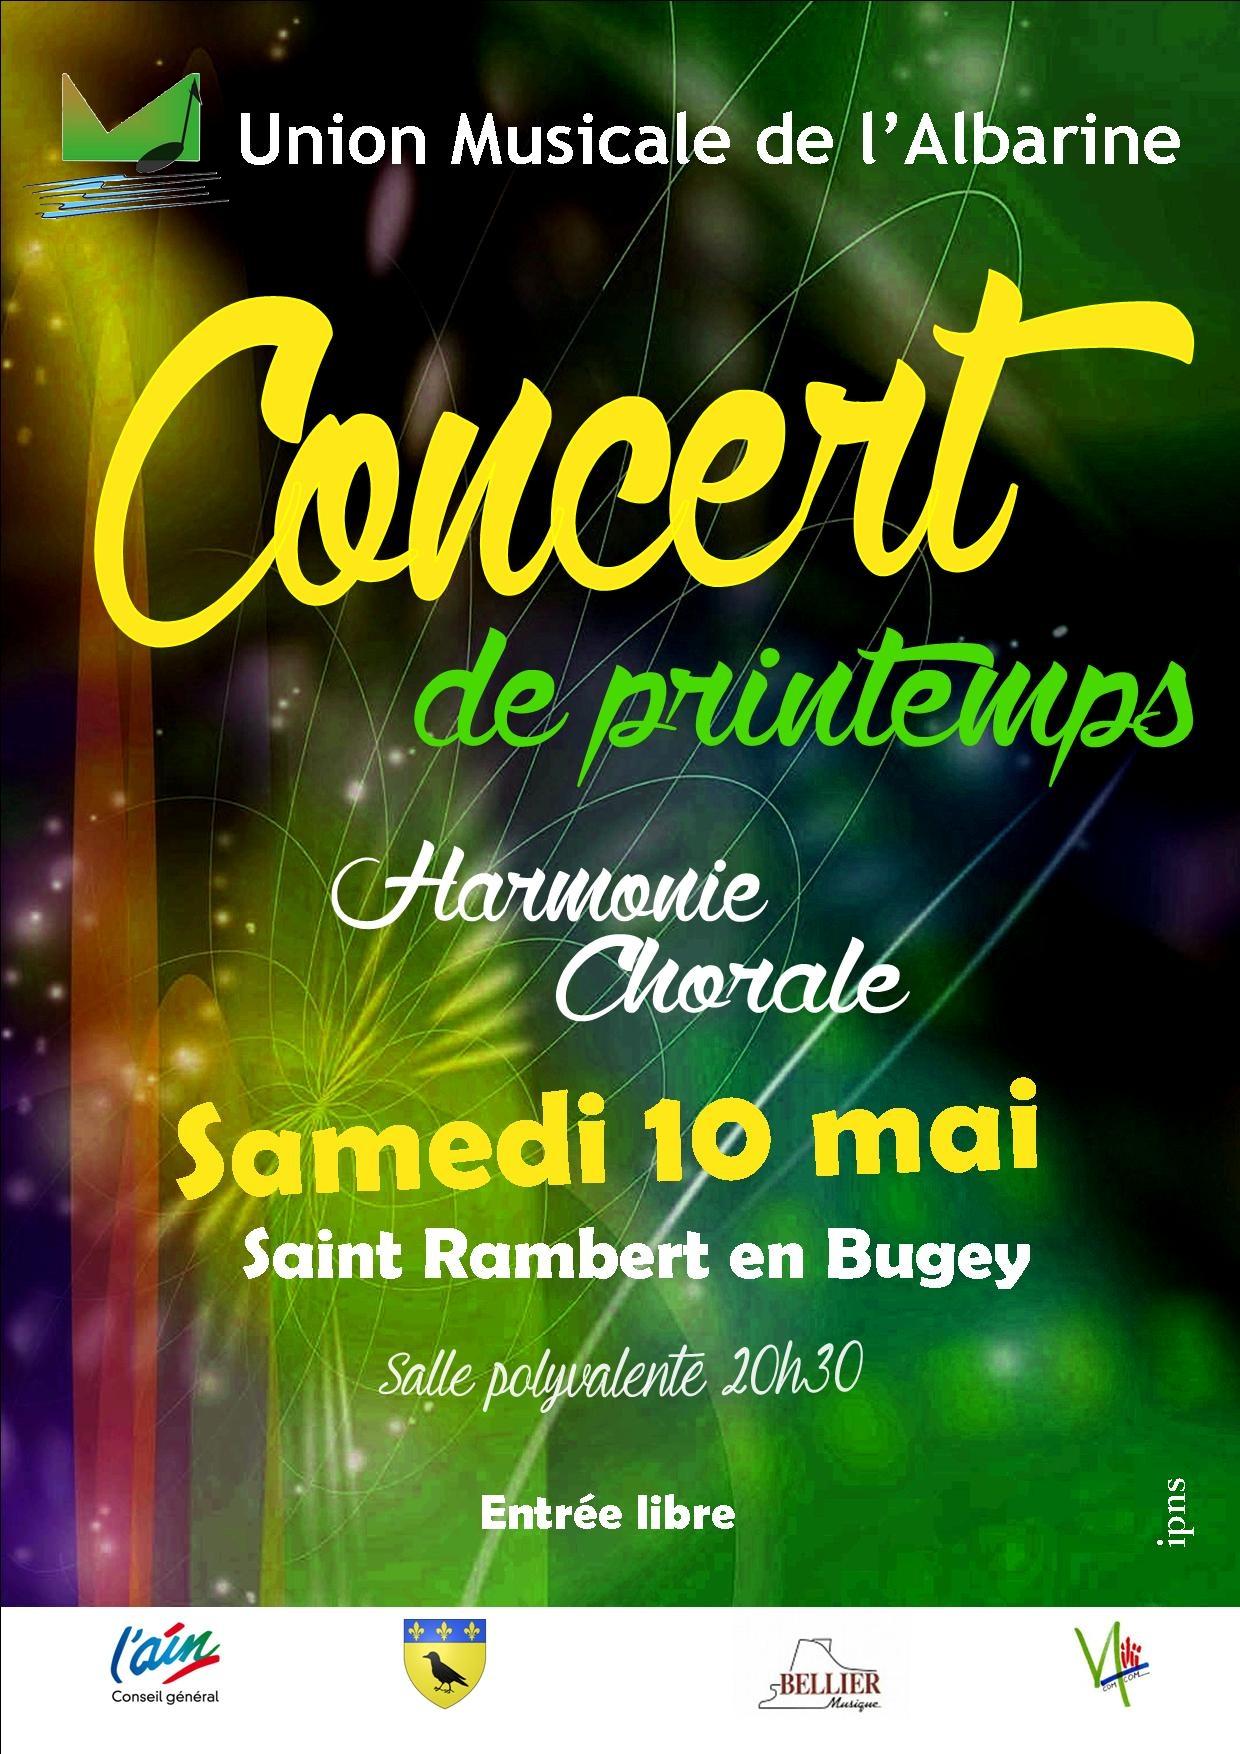 Concert de printemps Union Musicale Albarine 2014